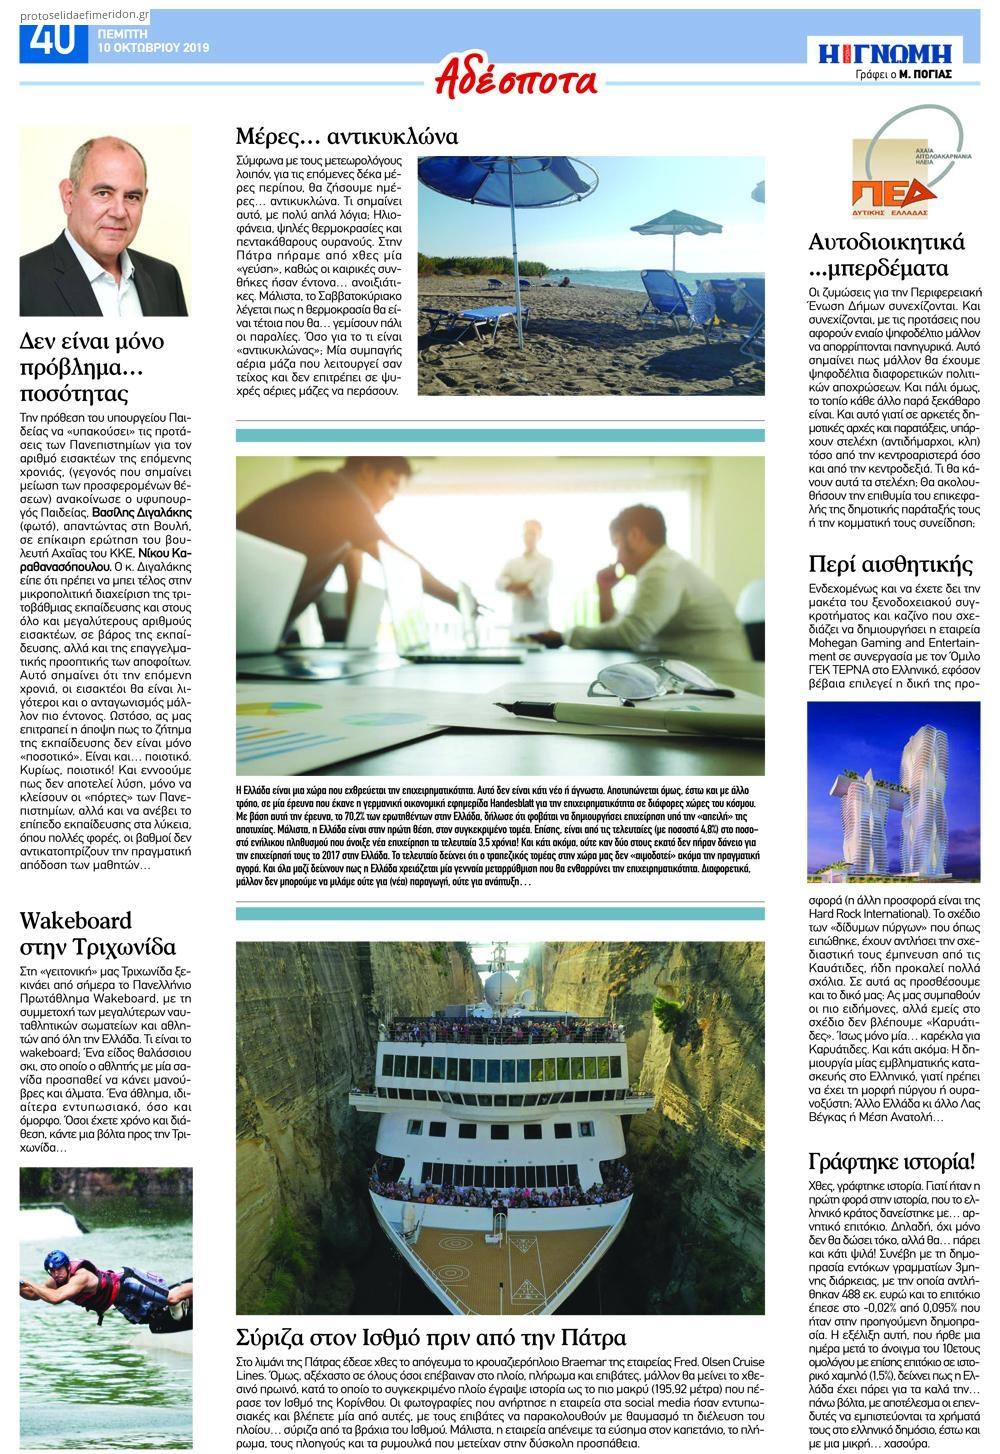 Οπισθόφυλλο εφημερίδας Γνώμη της Πάτρας